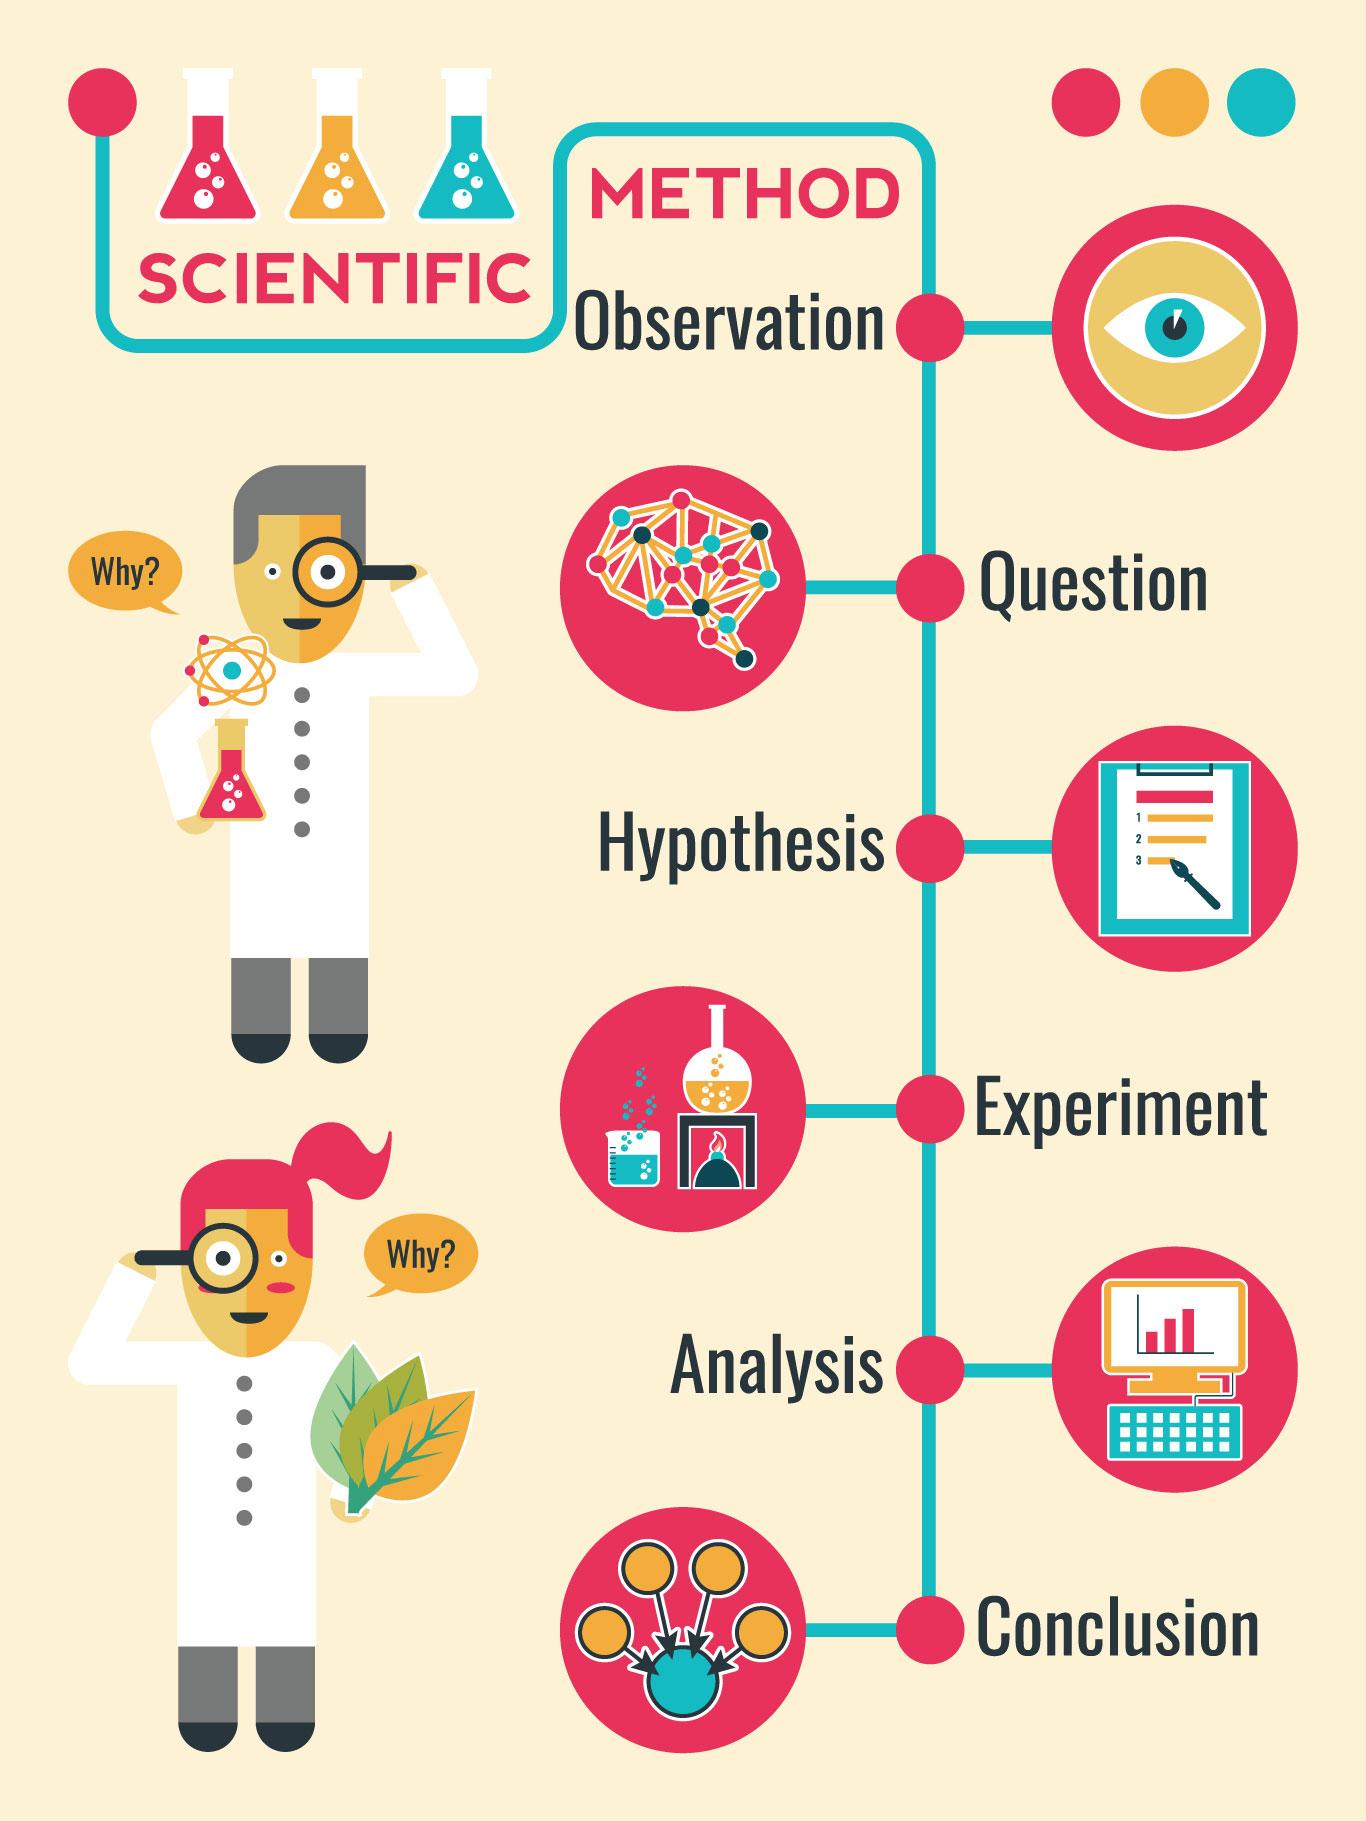 Scientific-Method-1366-0721